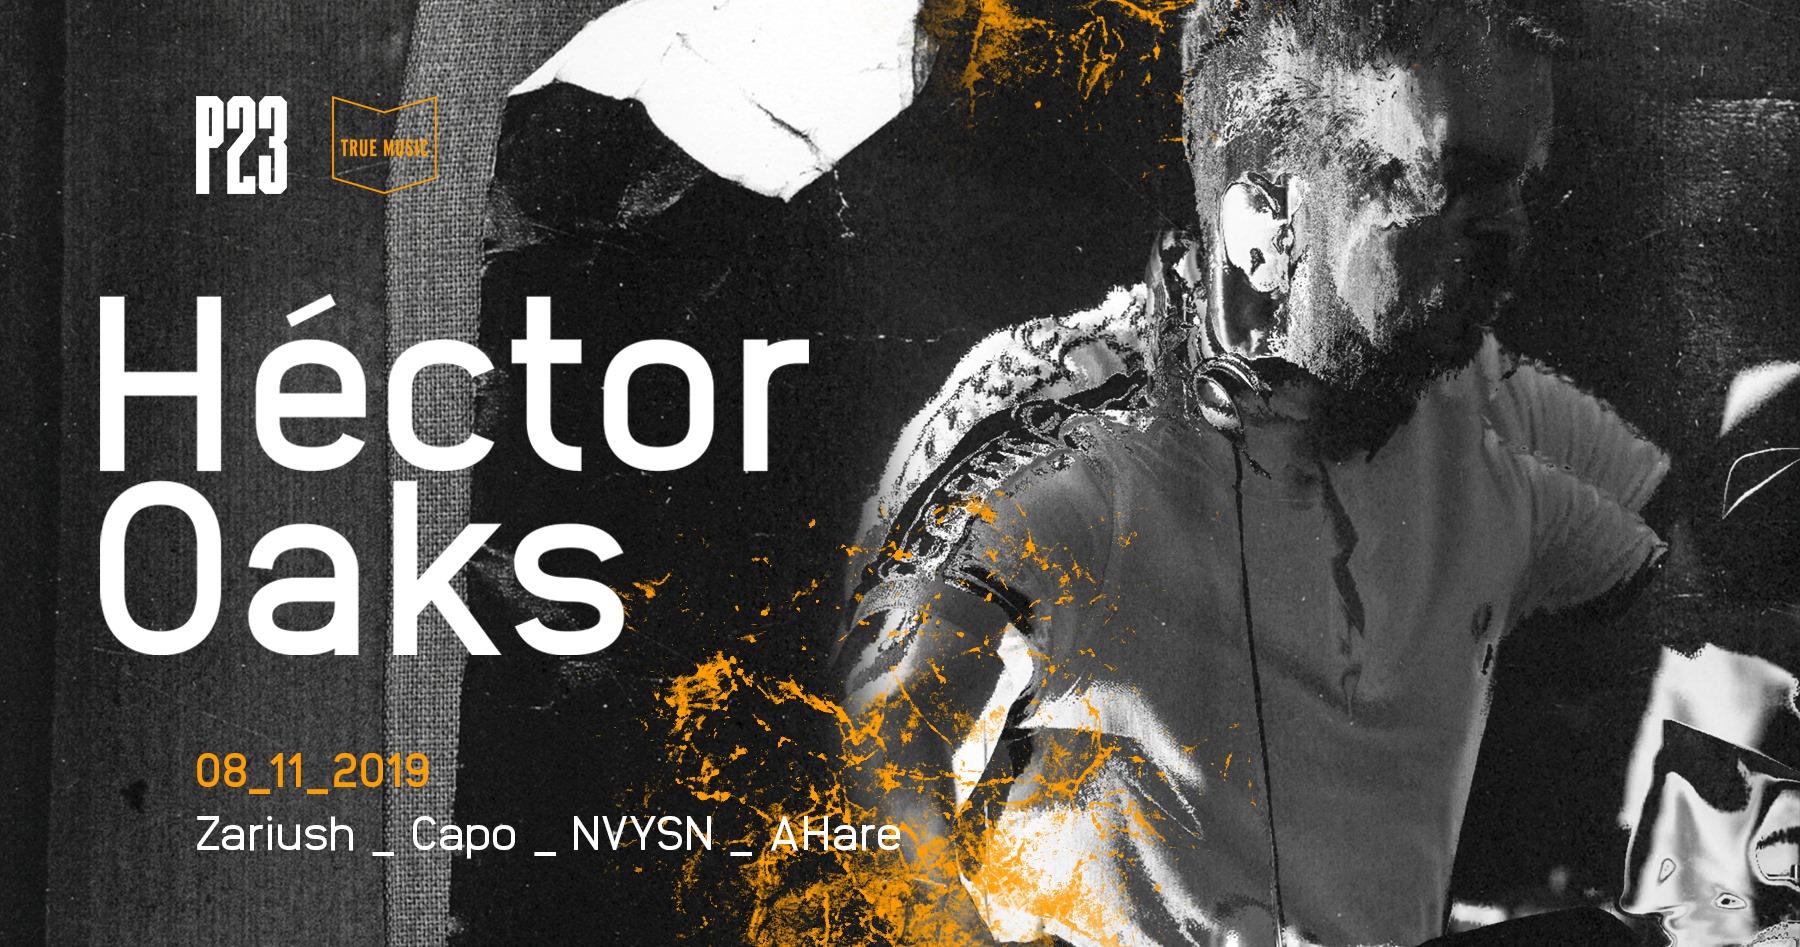 hecktor aoks p23